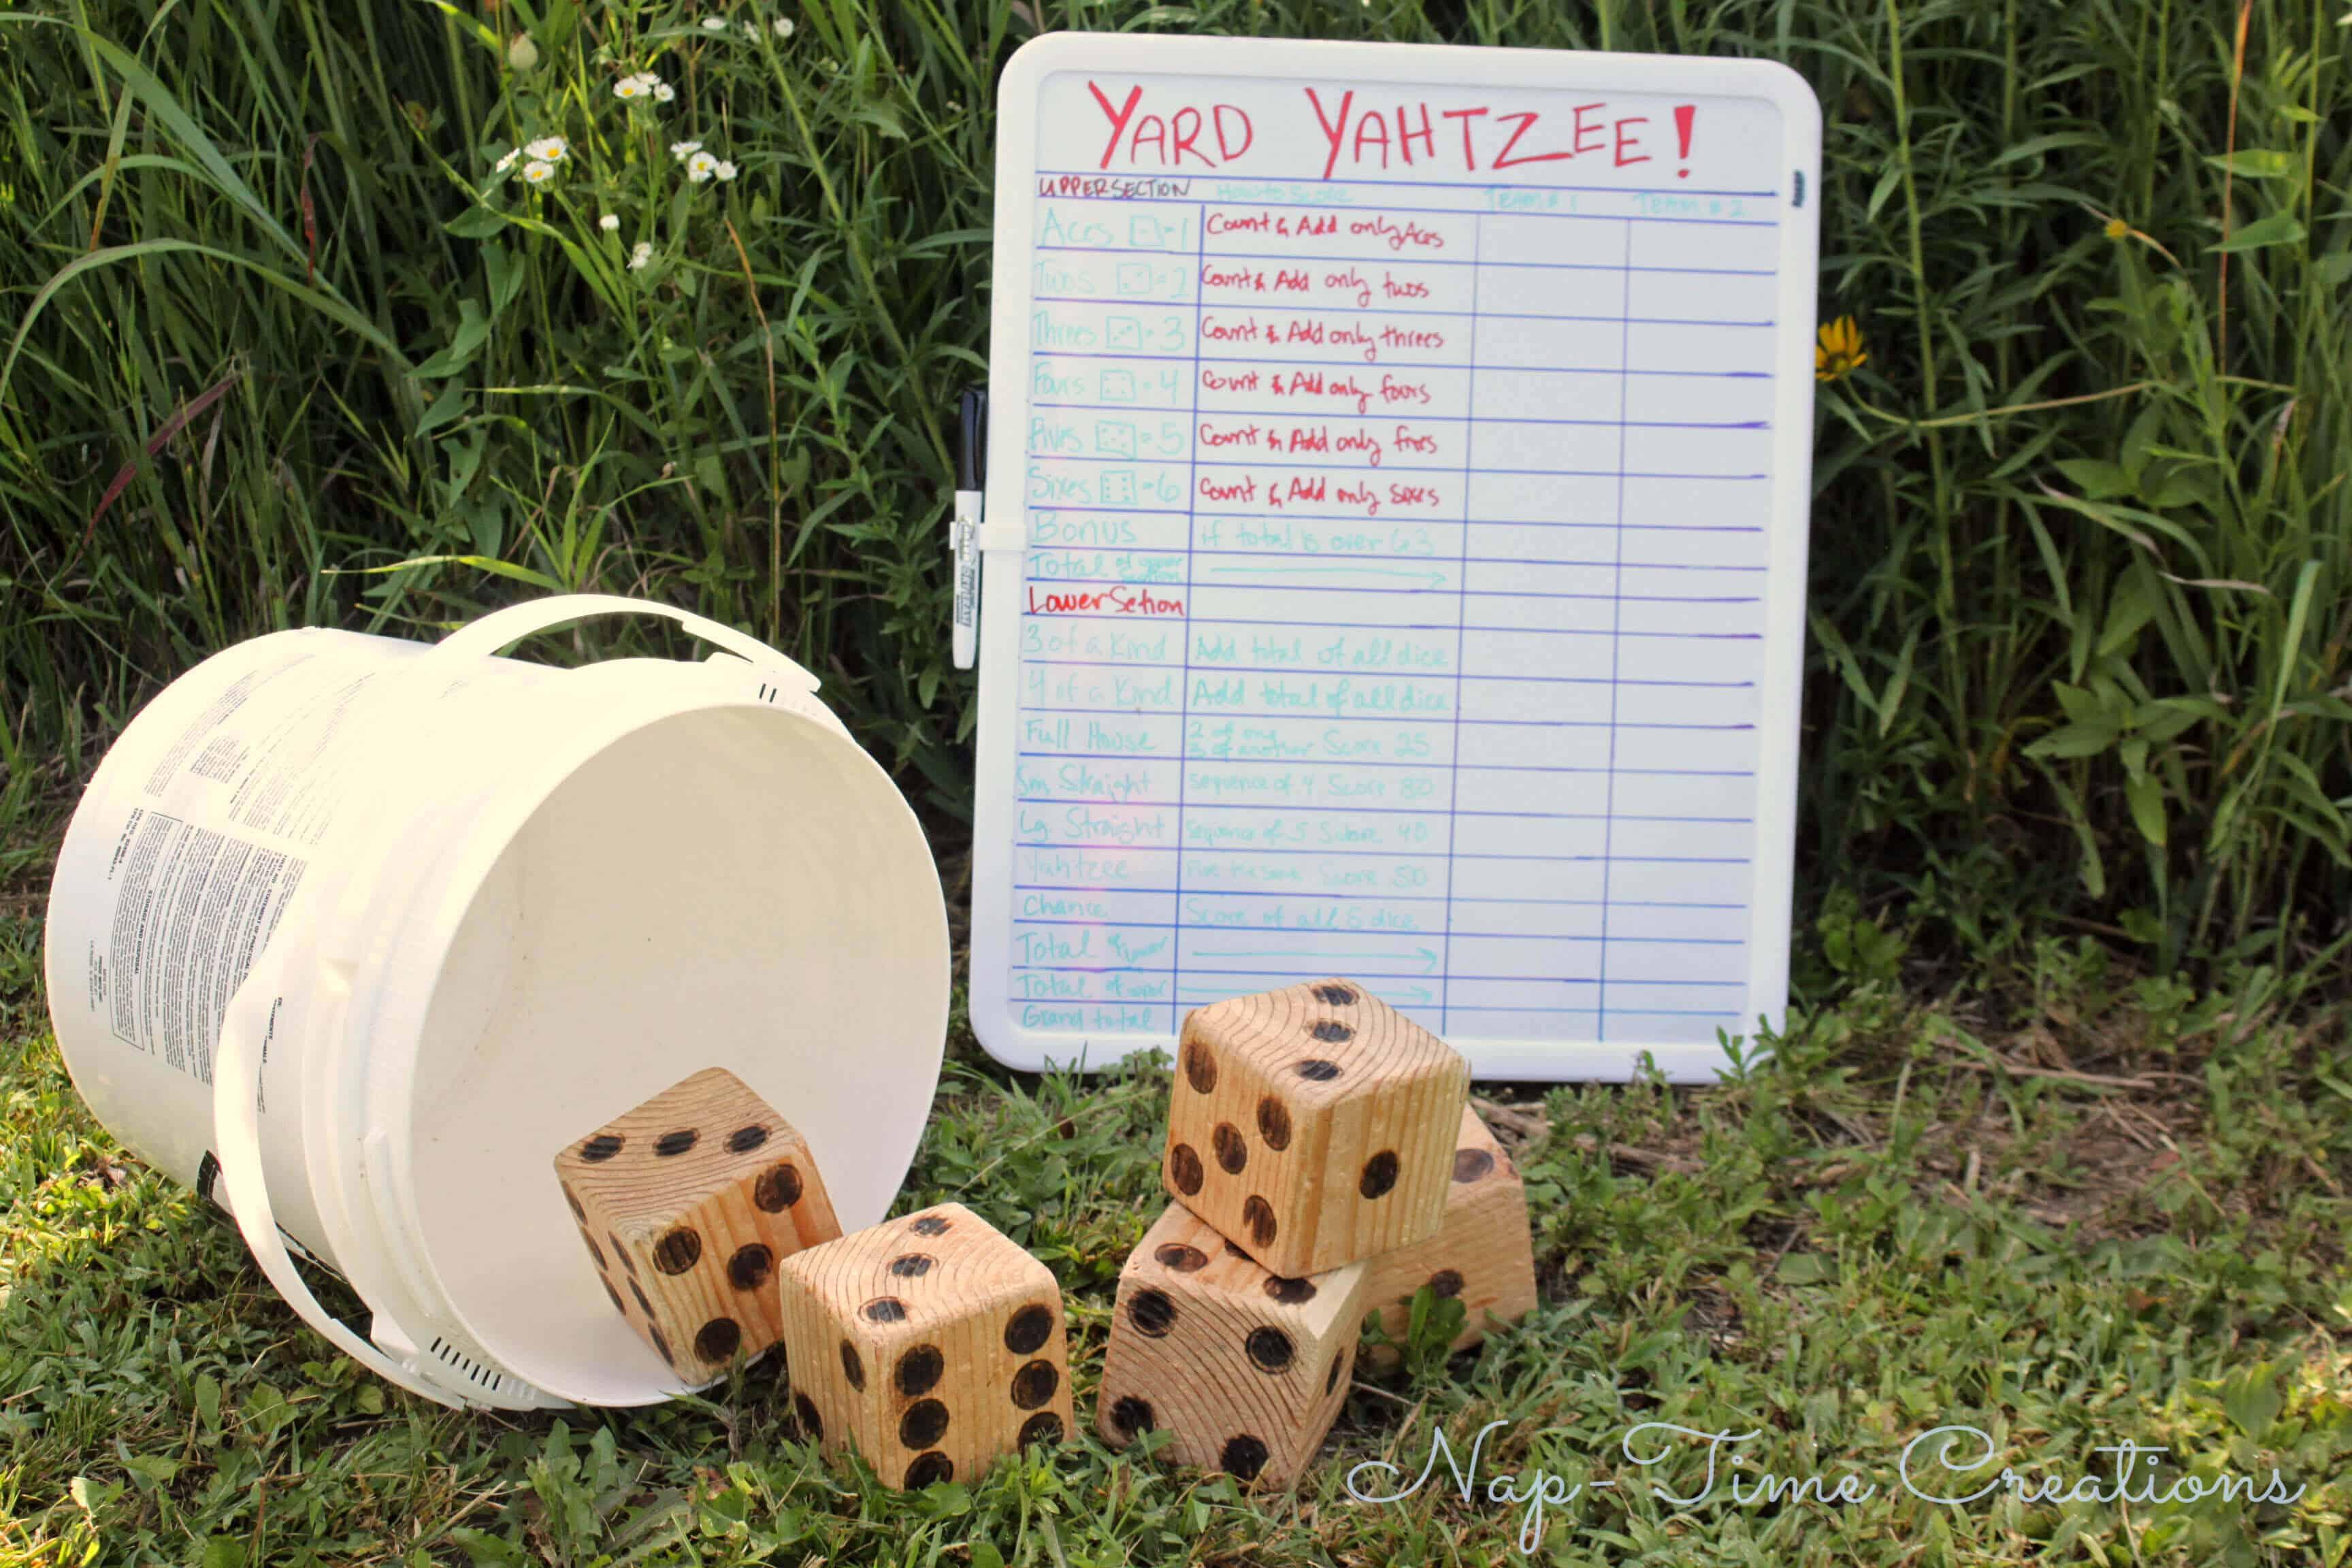 Yard yahtzee diy